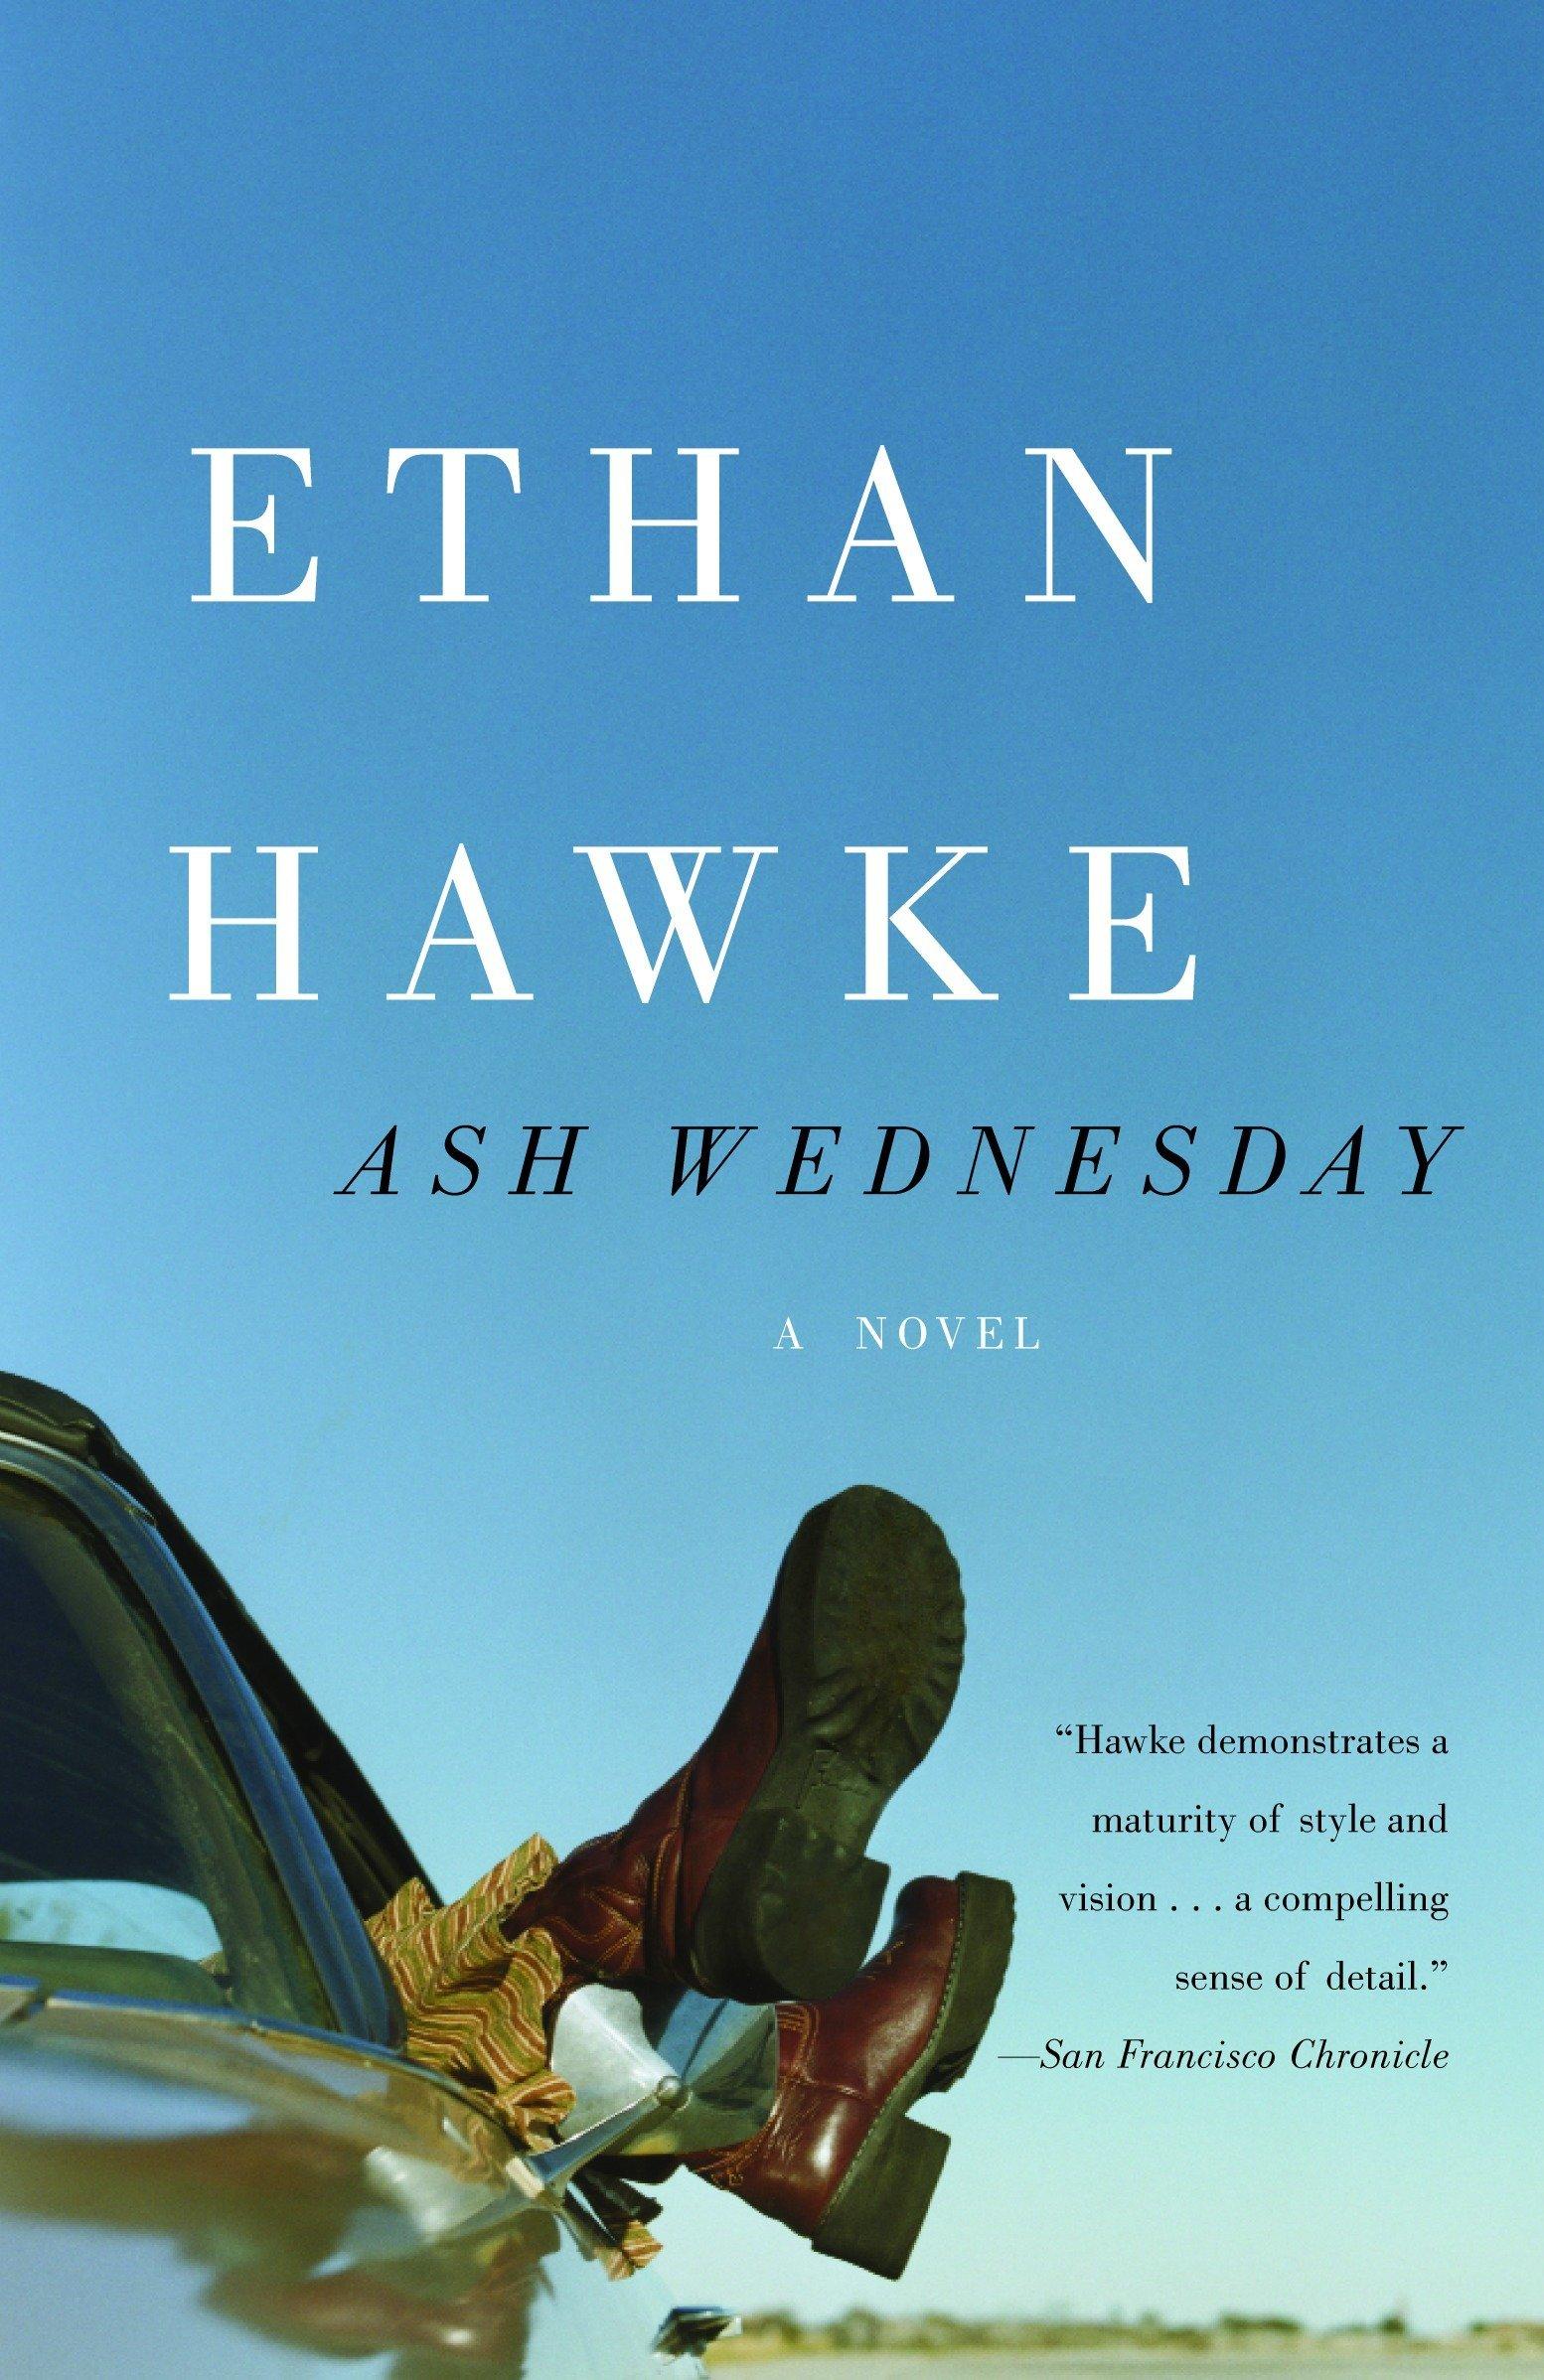 Ash Wednesday (Vintage Contemporaries): Amazon.es: Bingham Hawke, Ethan Hawke: Libros en idiomas extranjeros